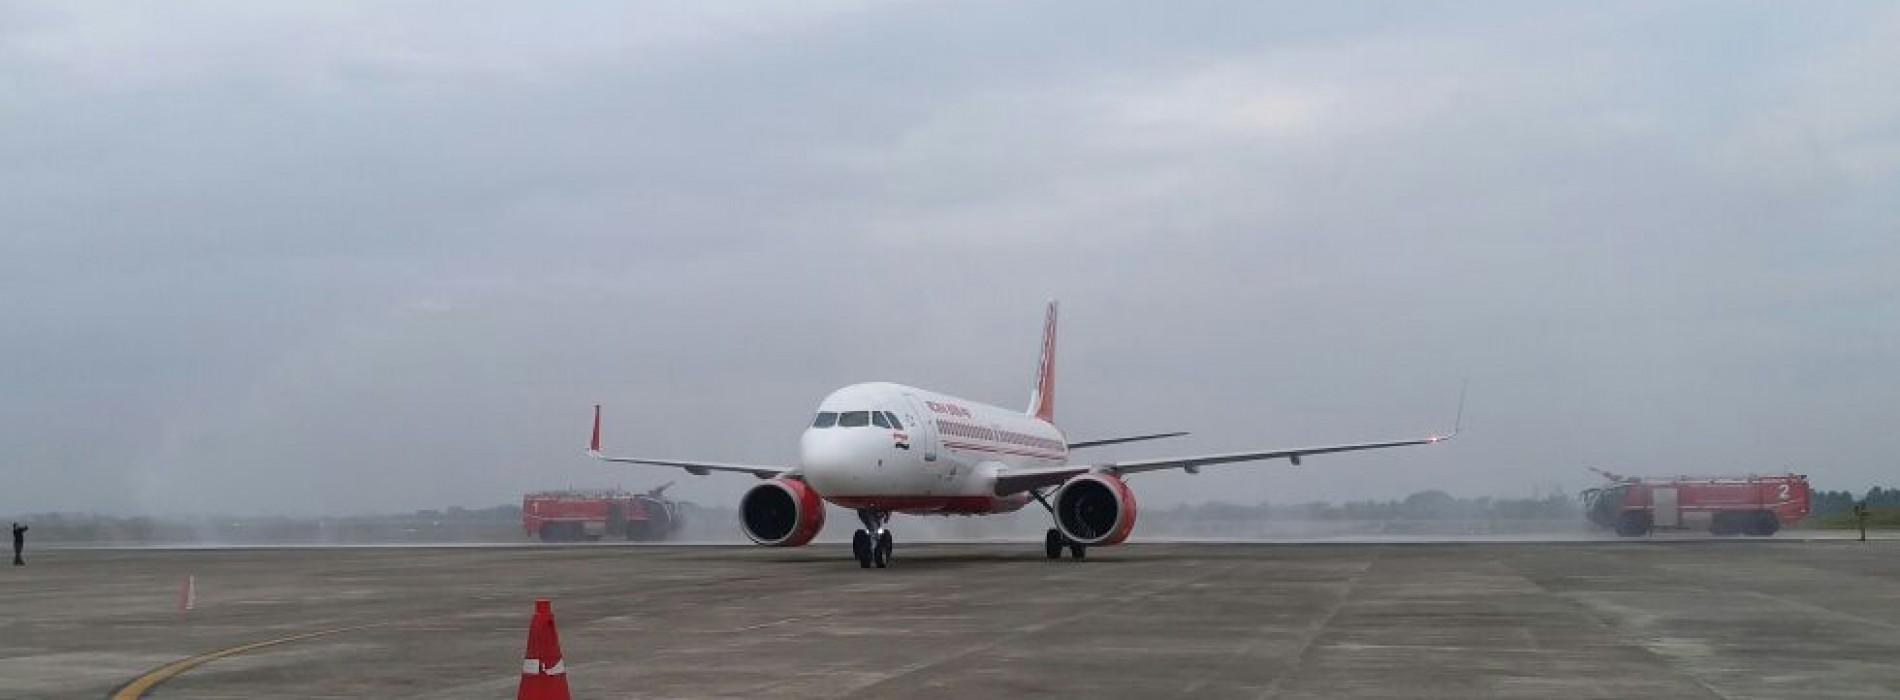 Air India starts Bhubaneswar to Bangkok flight